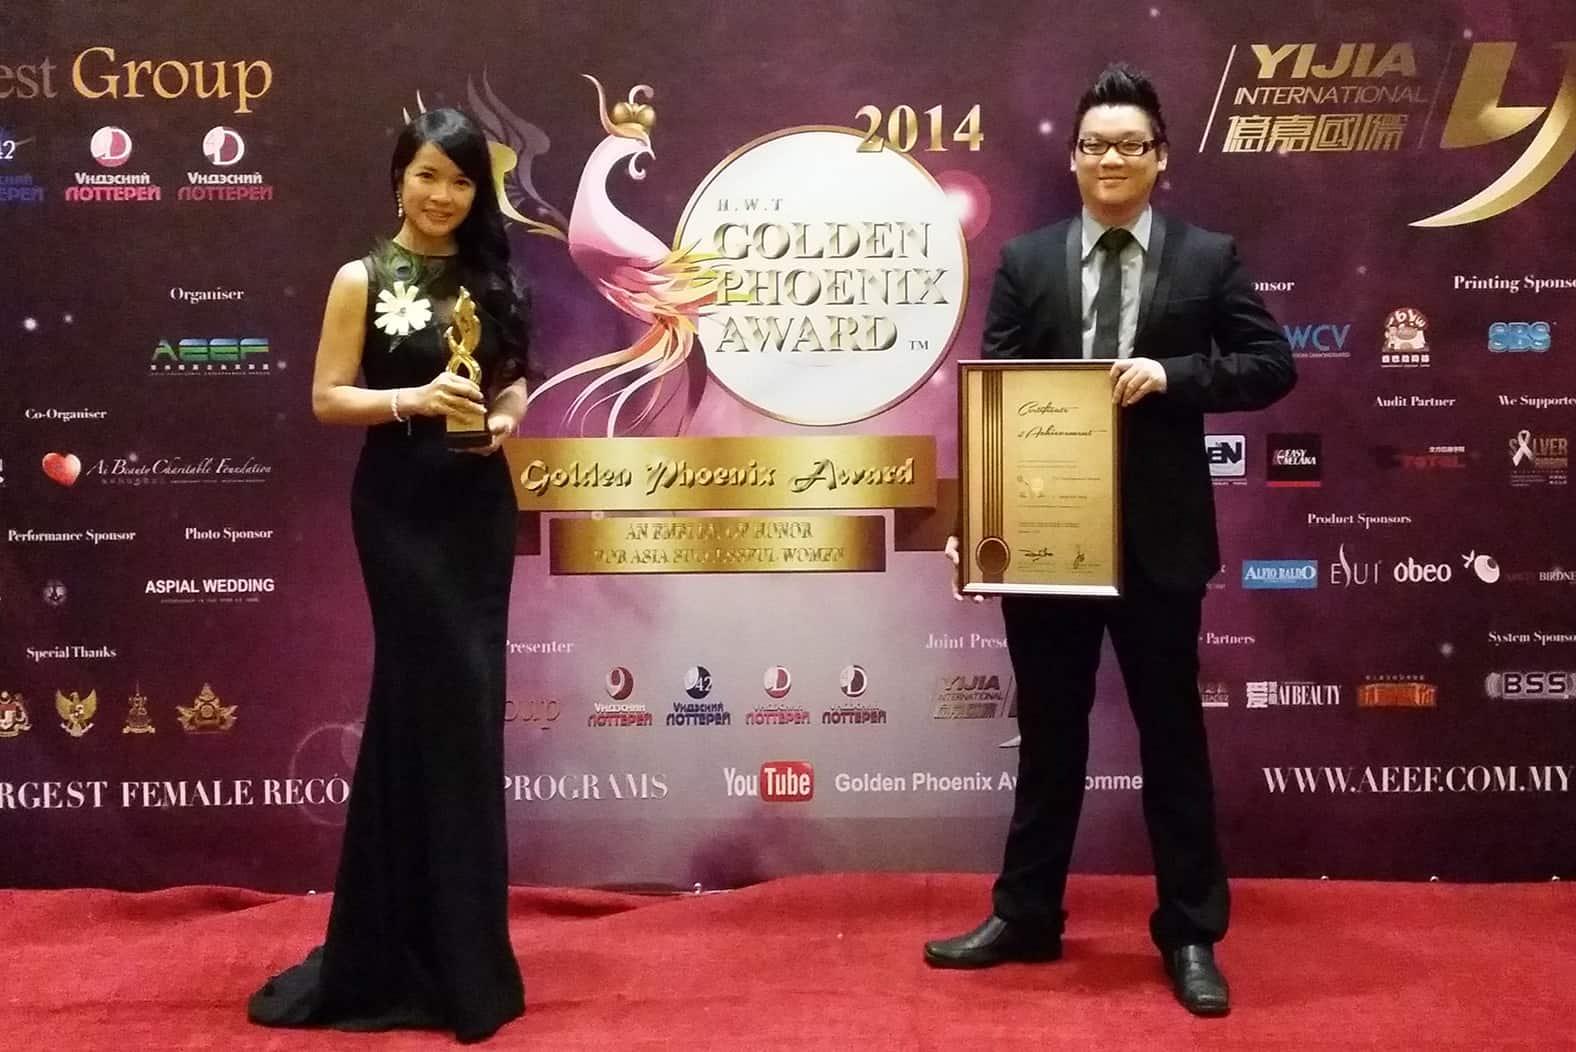 Clazroom Award